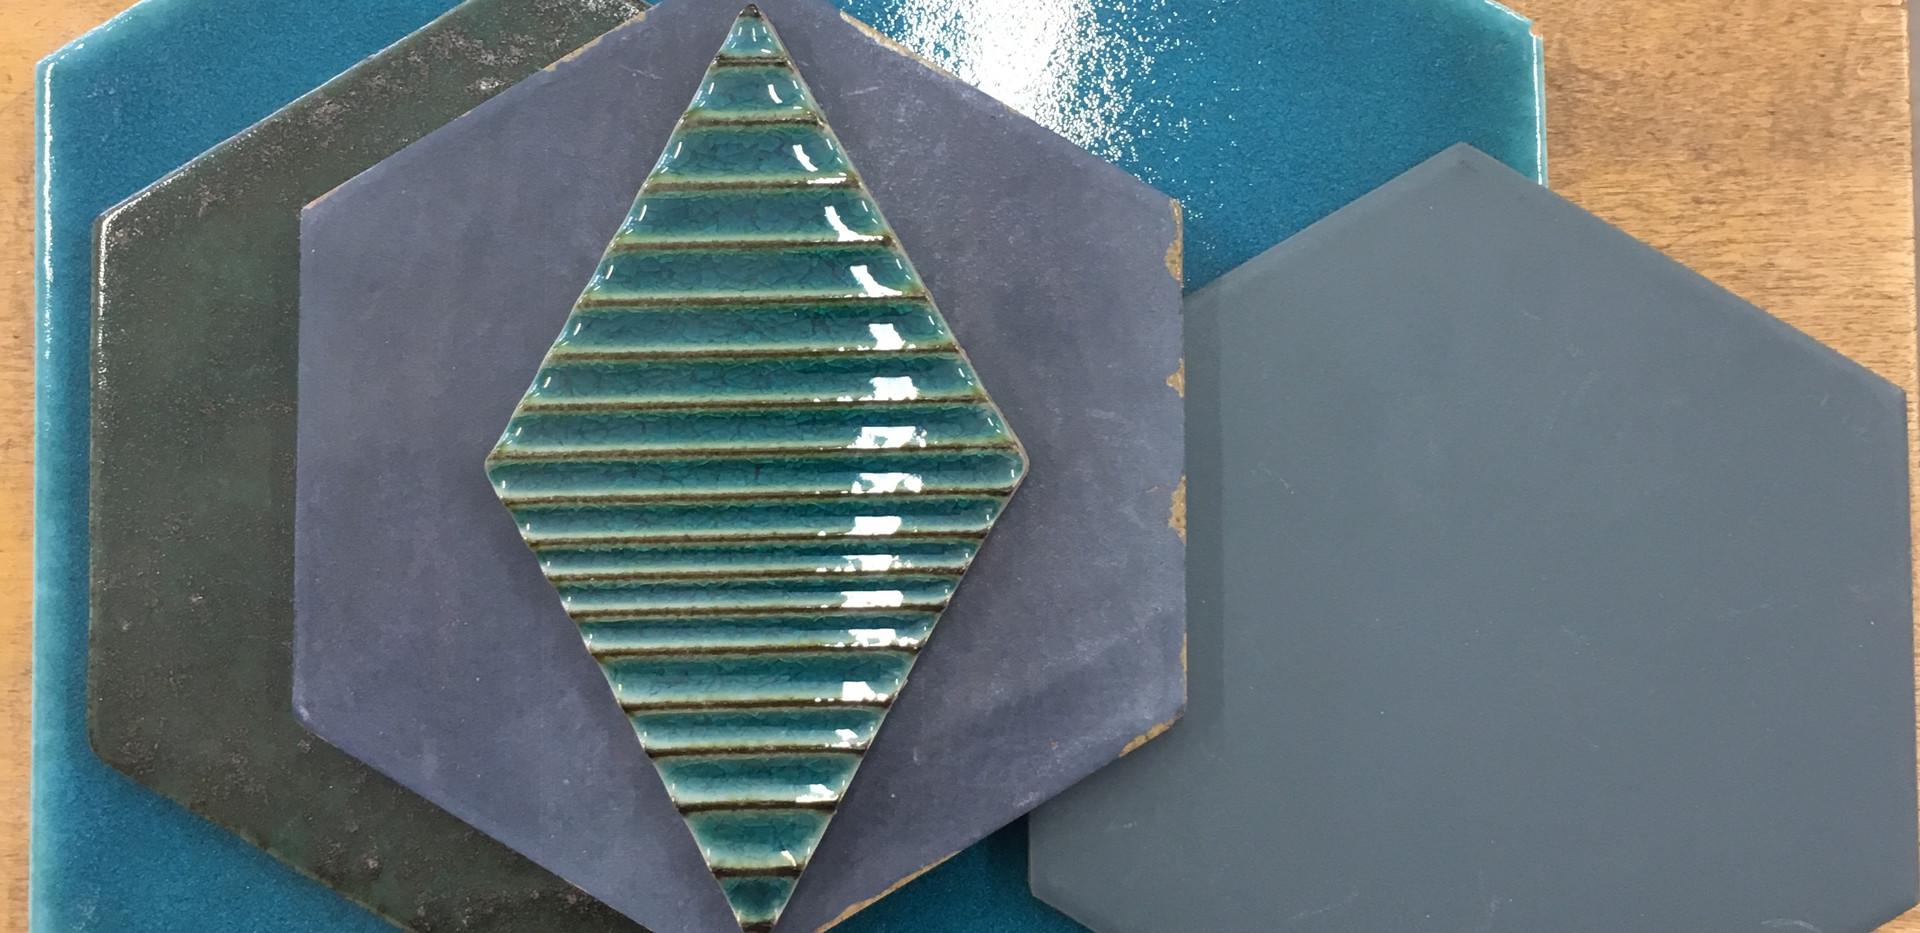 אריחים צורניים בכחול ירוק טורקיז